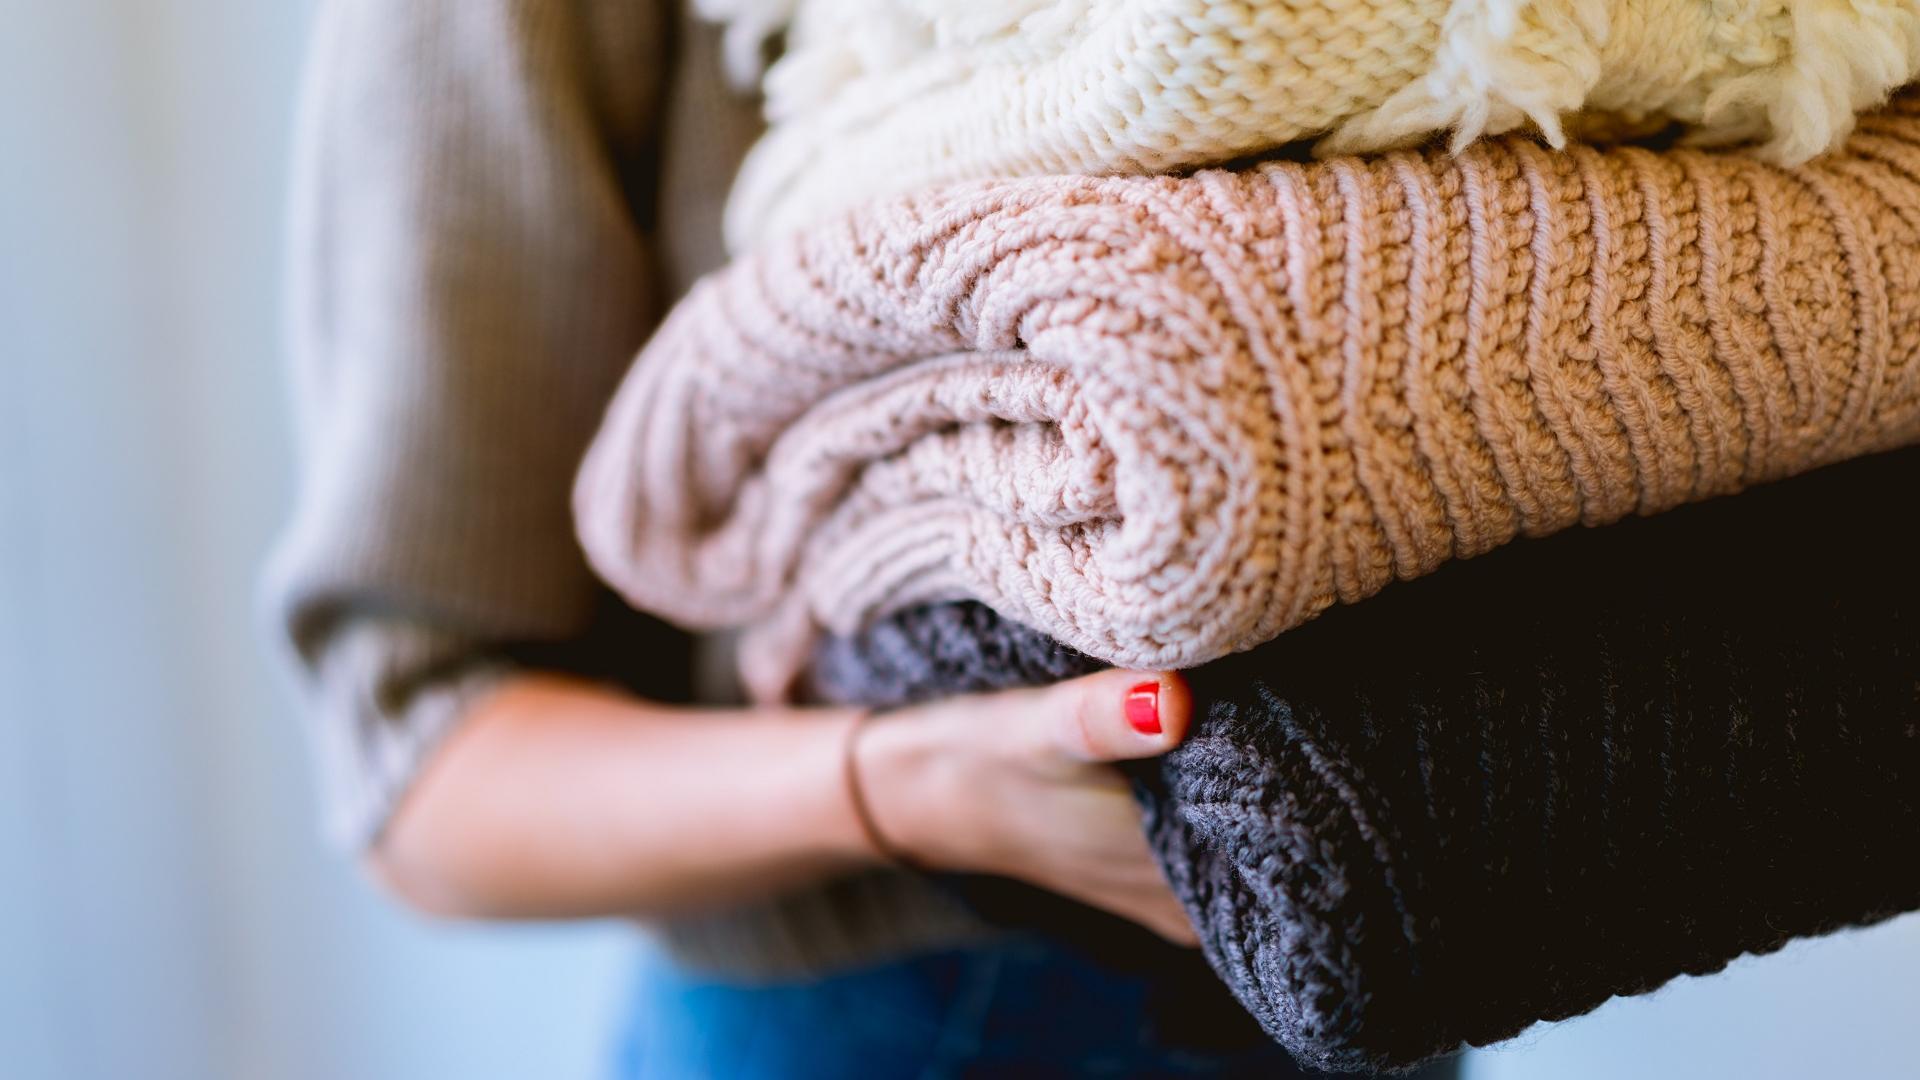 Kleider Spenden: Frau mit Pullovern